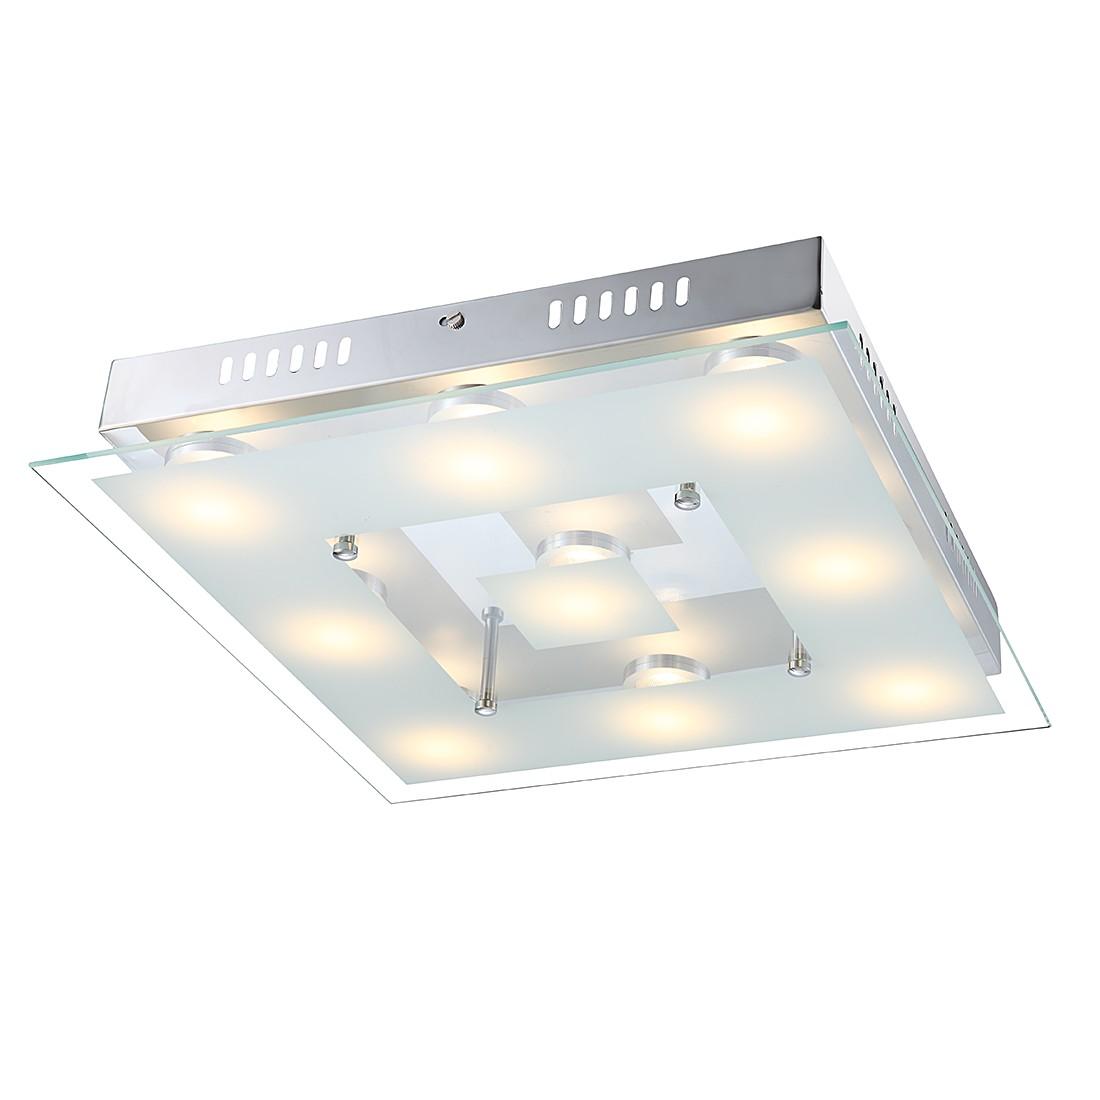 Deckenleuchte SPHINX ● Metall/Glas ● 9-flammig- Lux A+